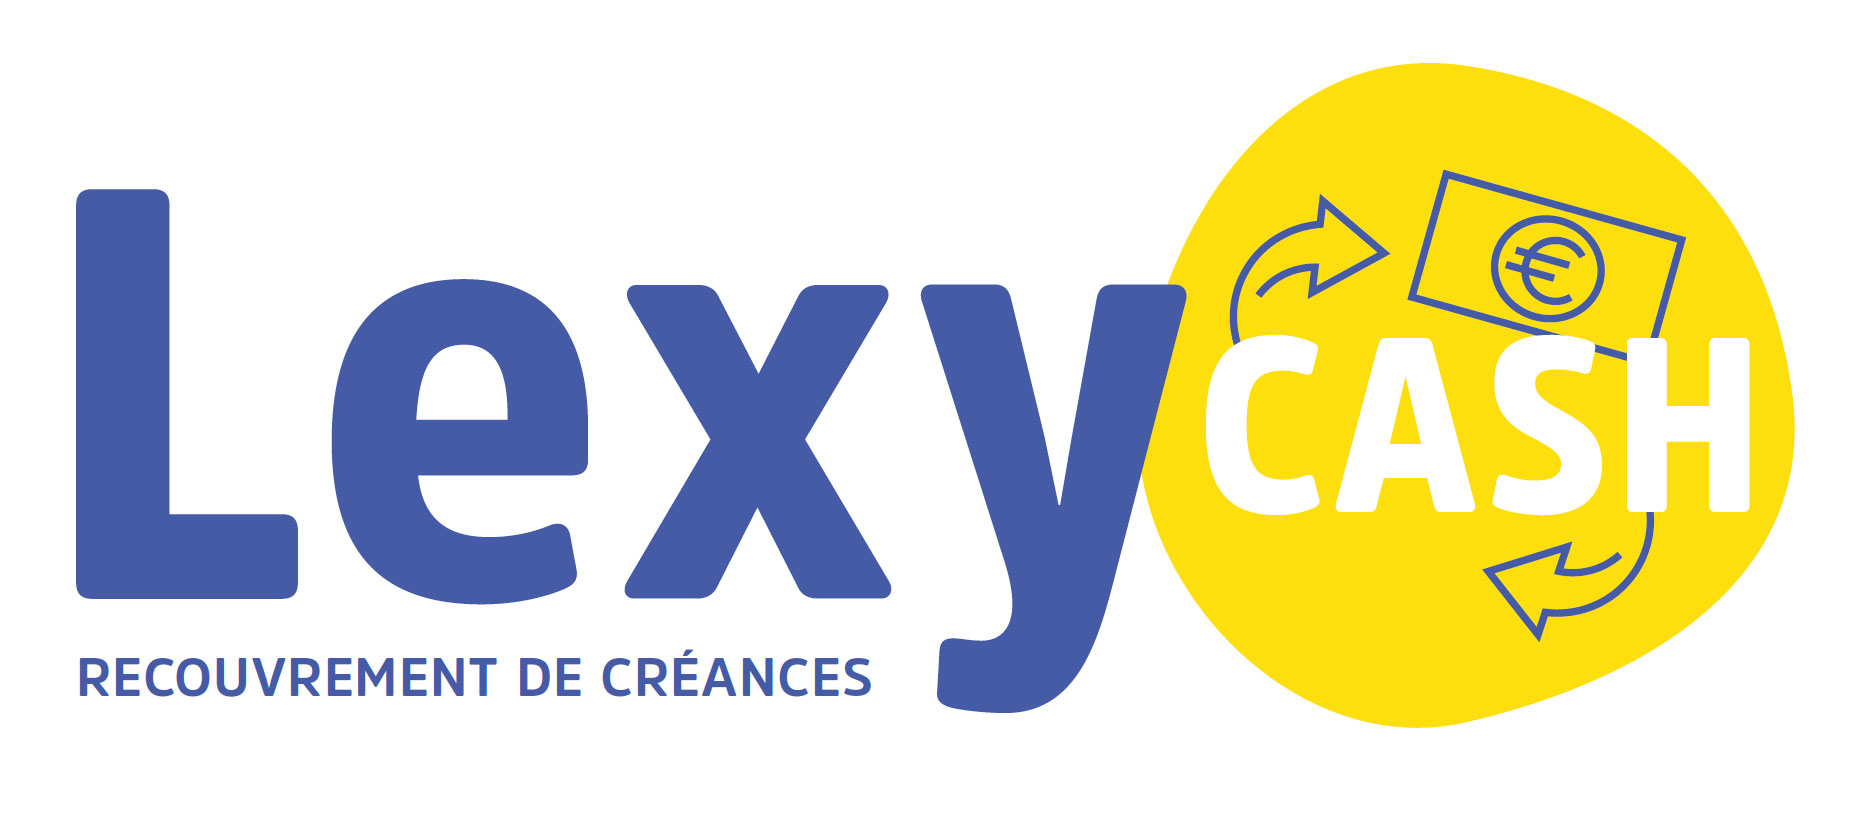 lexycash